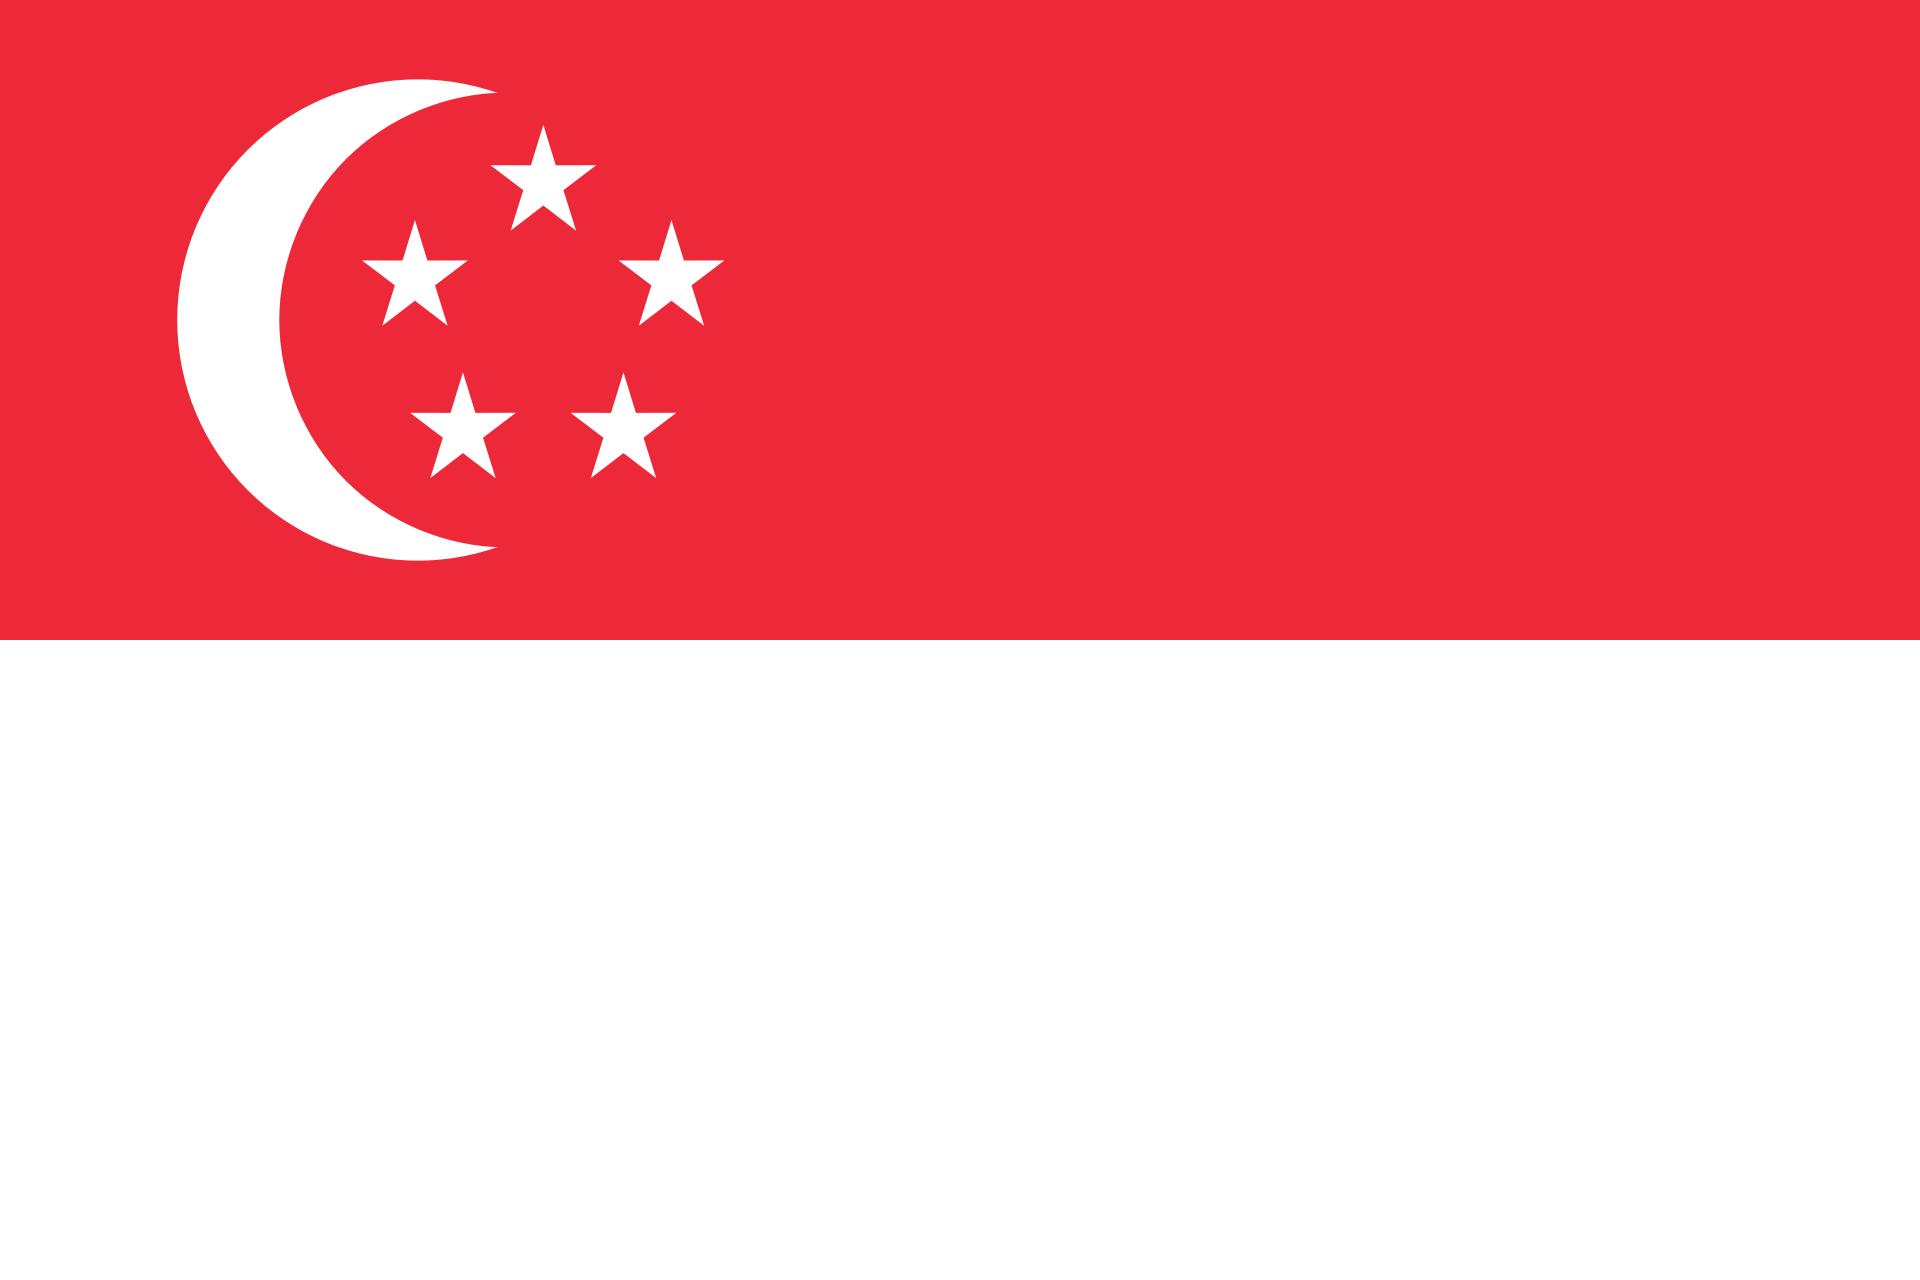 Singapur Reise- und Länderinformation. Singapur Flagge. Halb rot und halb weiß gestreift, mit einem weißen Halbmond und fünf Sternen in der weißen Hälfte